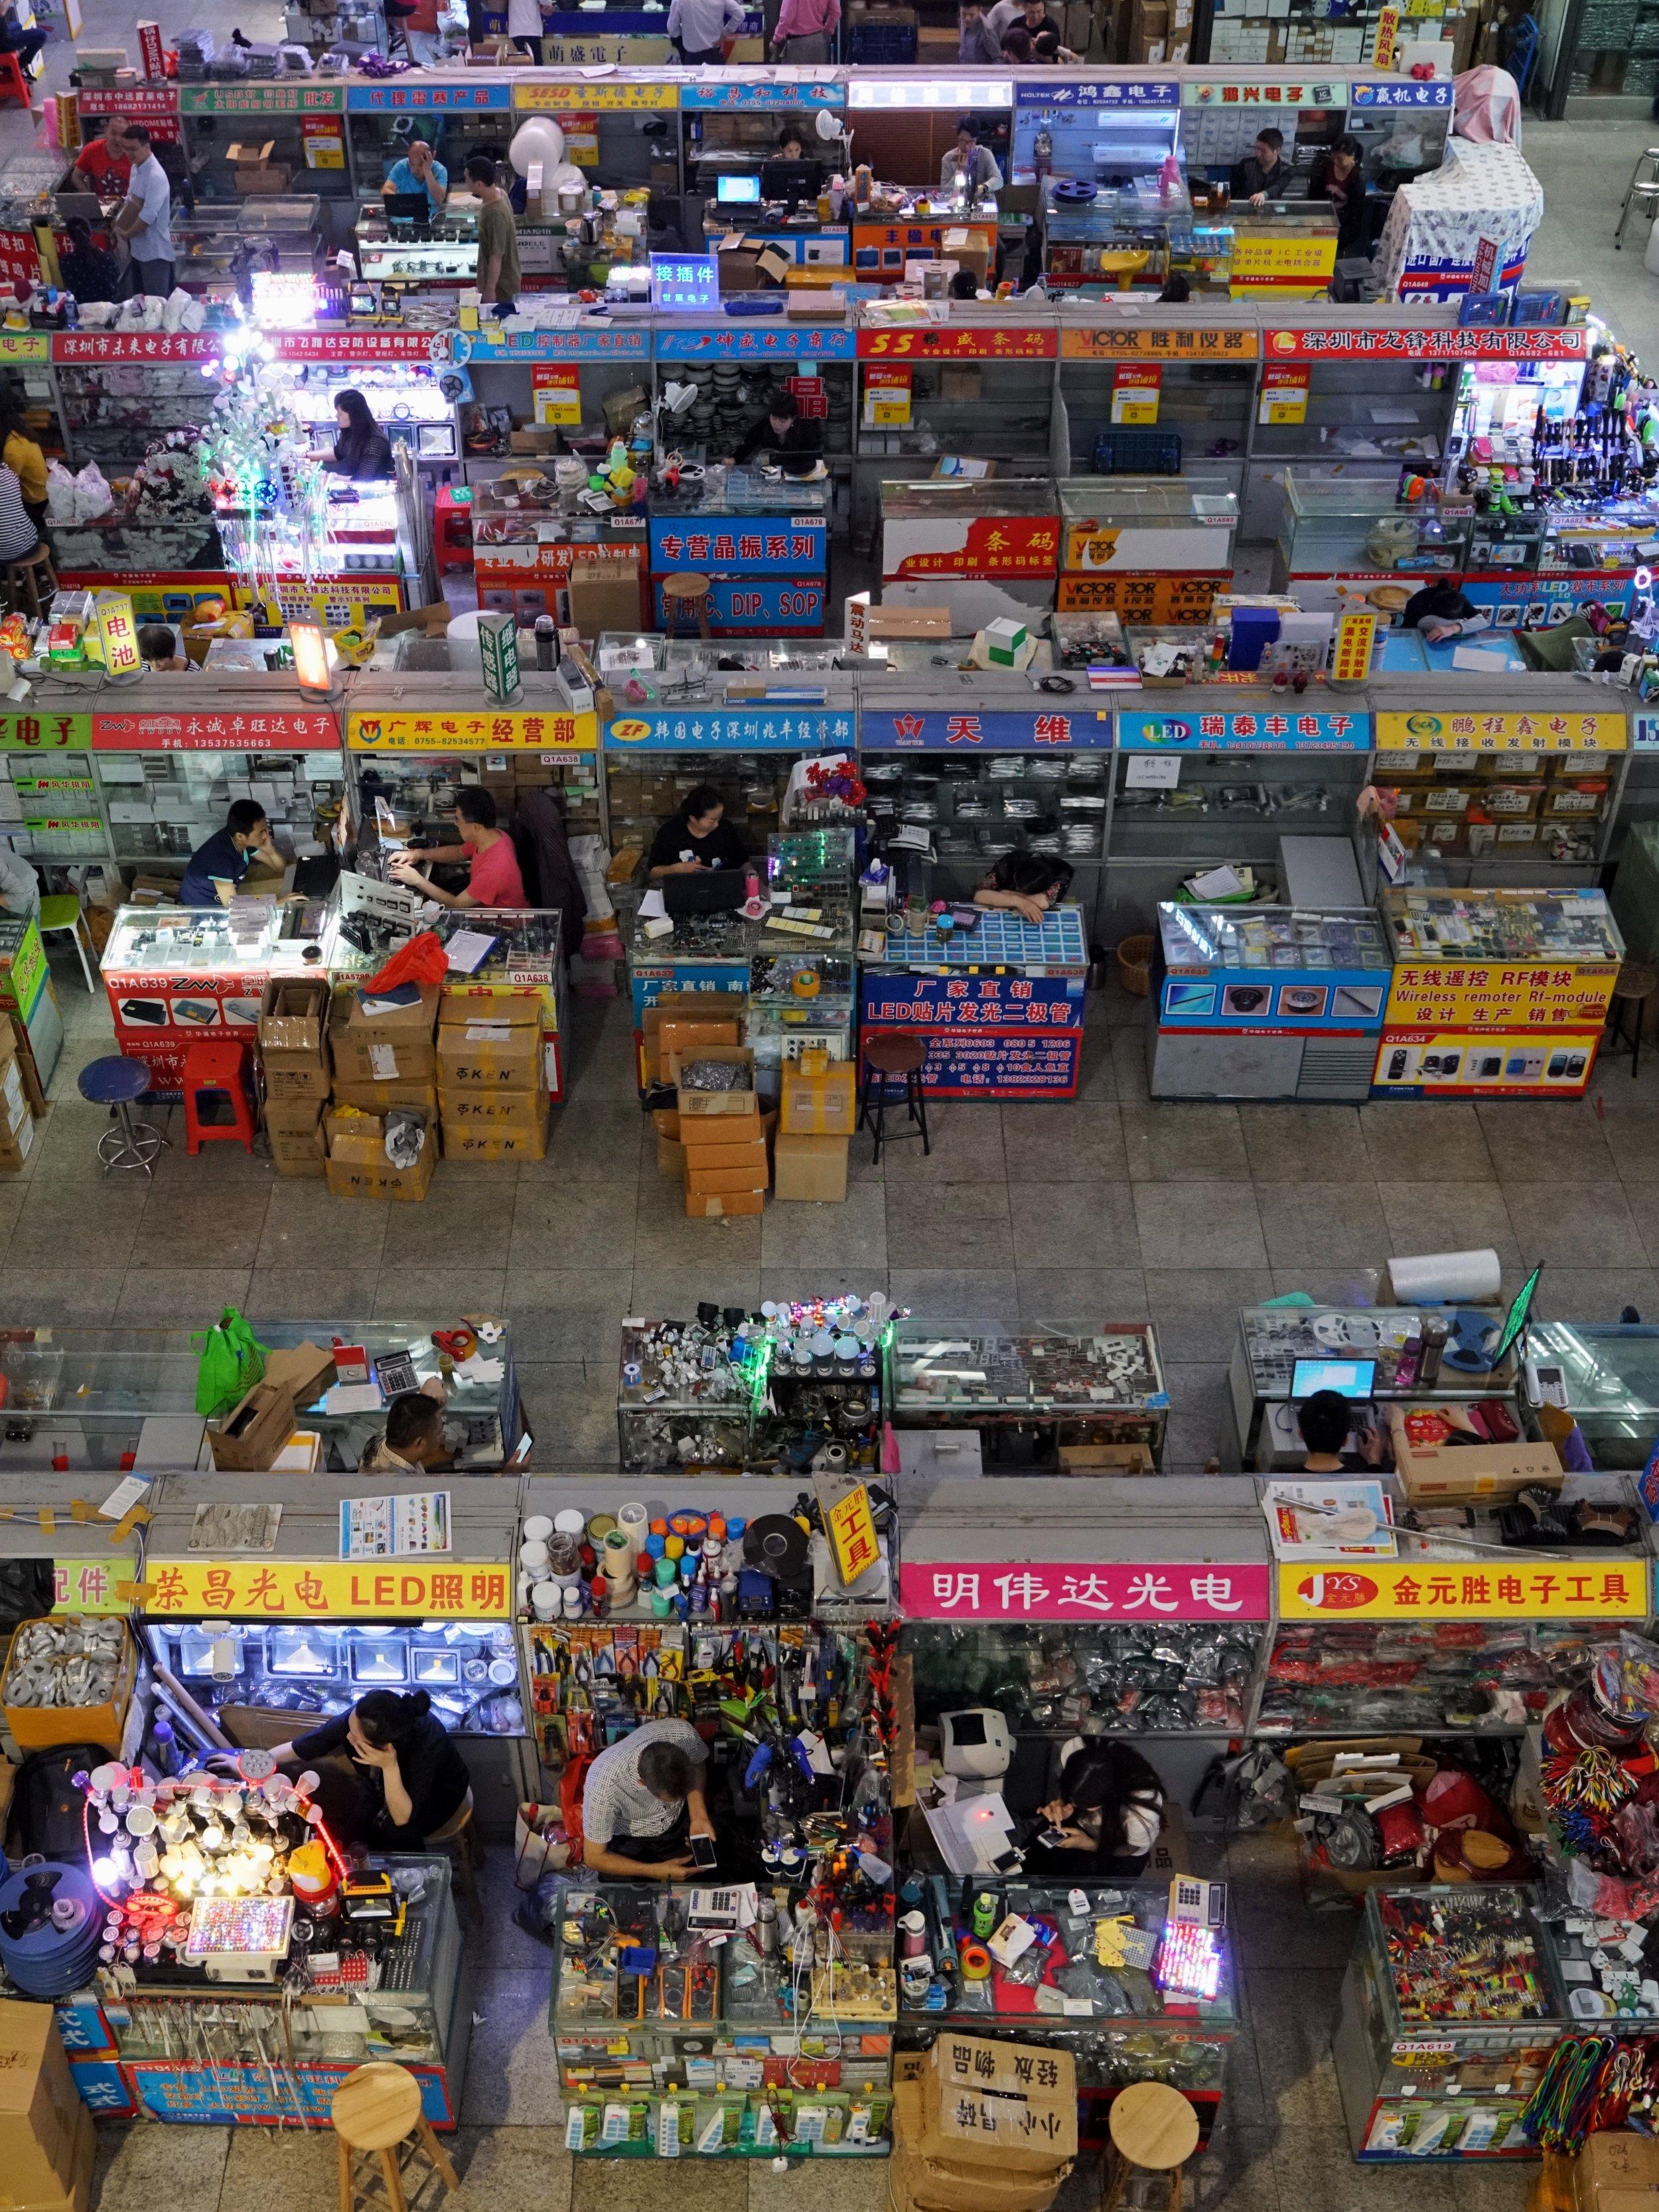 14-Shenzhen-interior.jpg